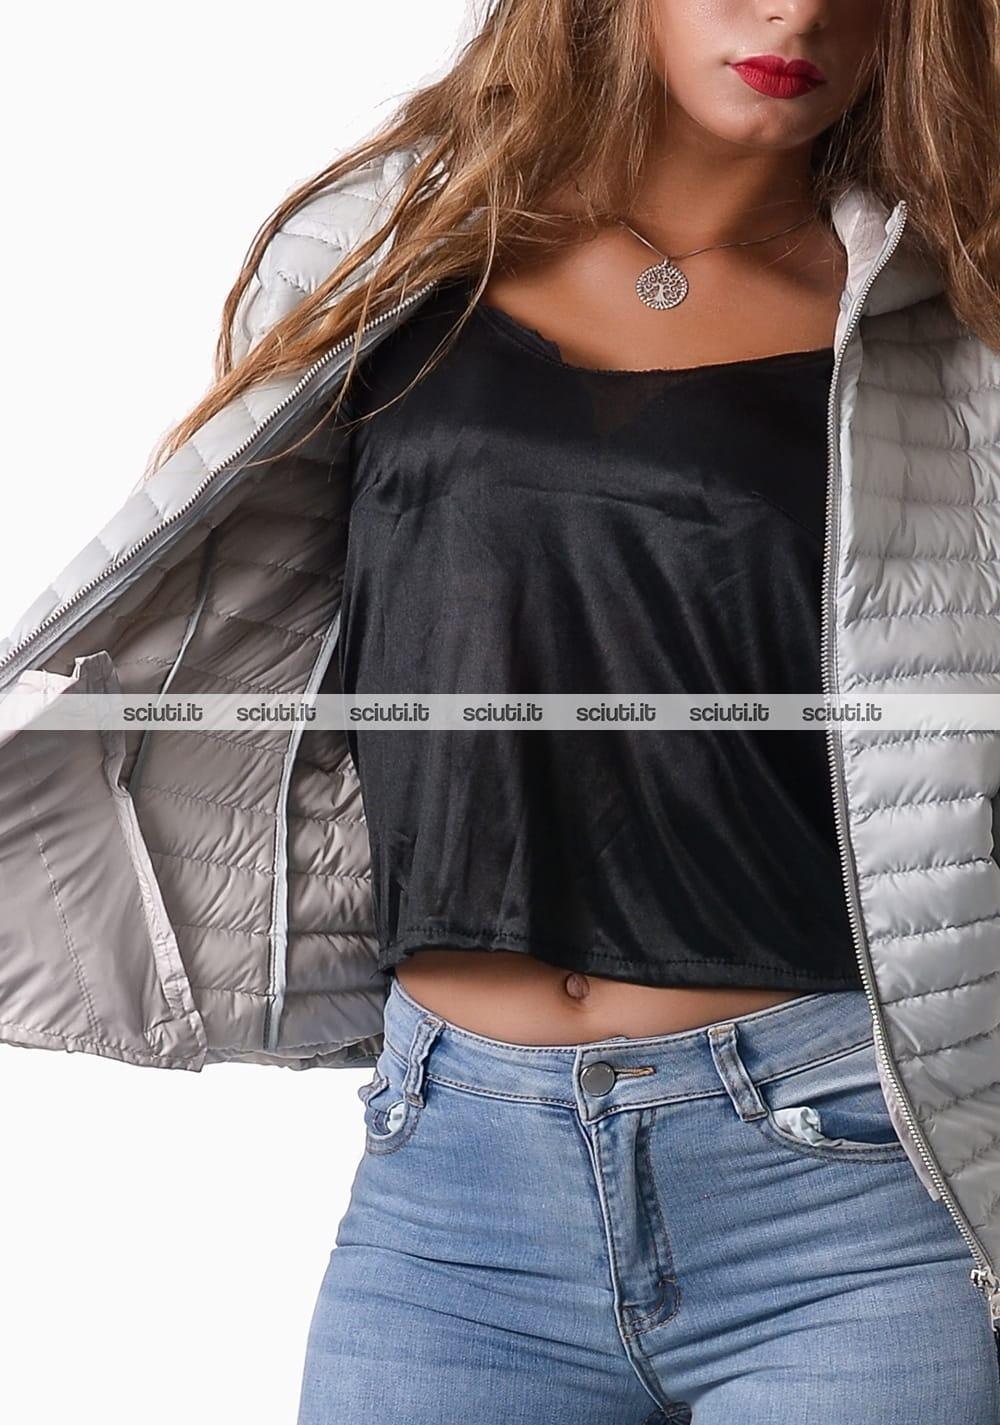 Piumino Colmar donna leggero con cappuccio ghiaccio | Sciuti.it